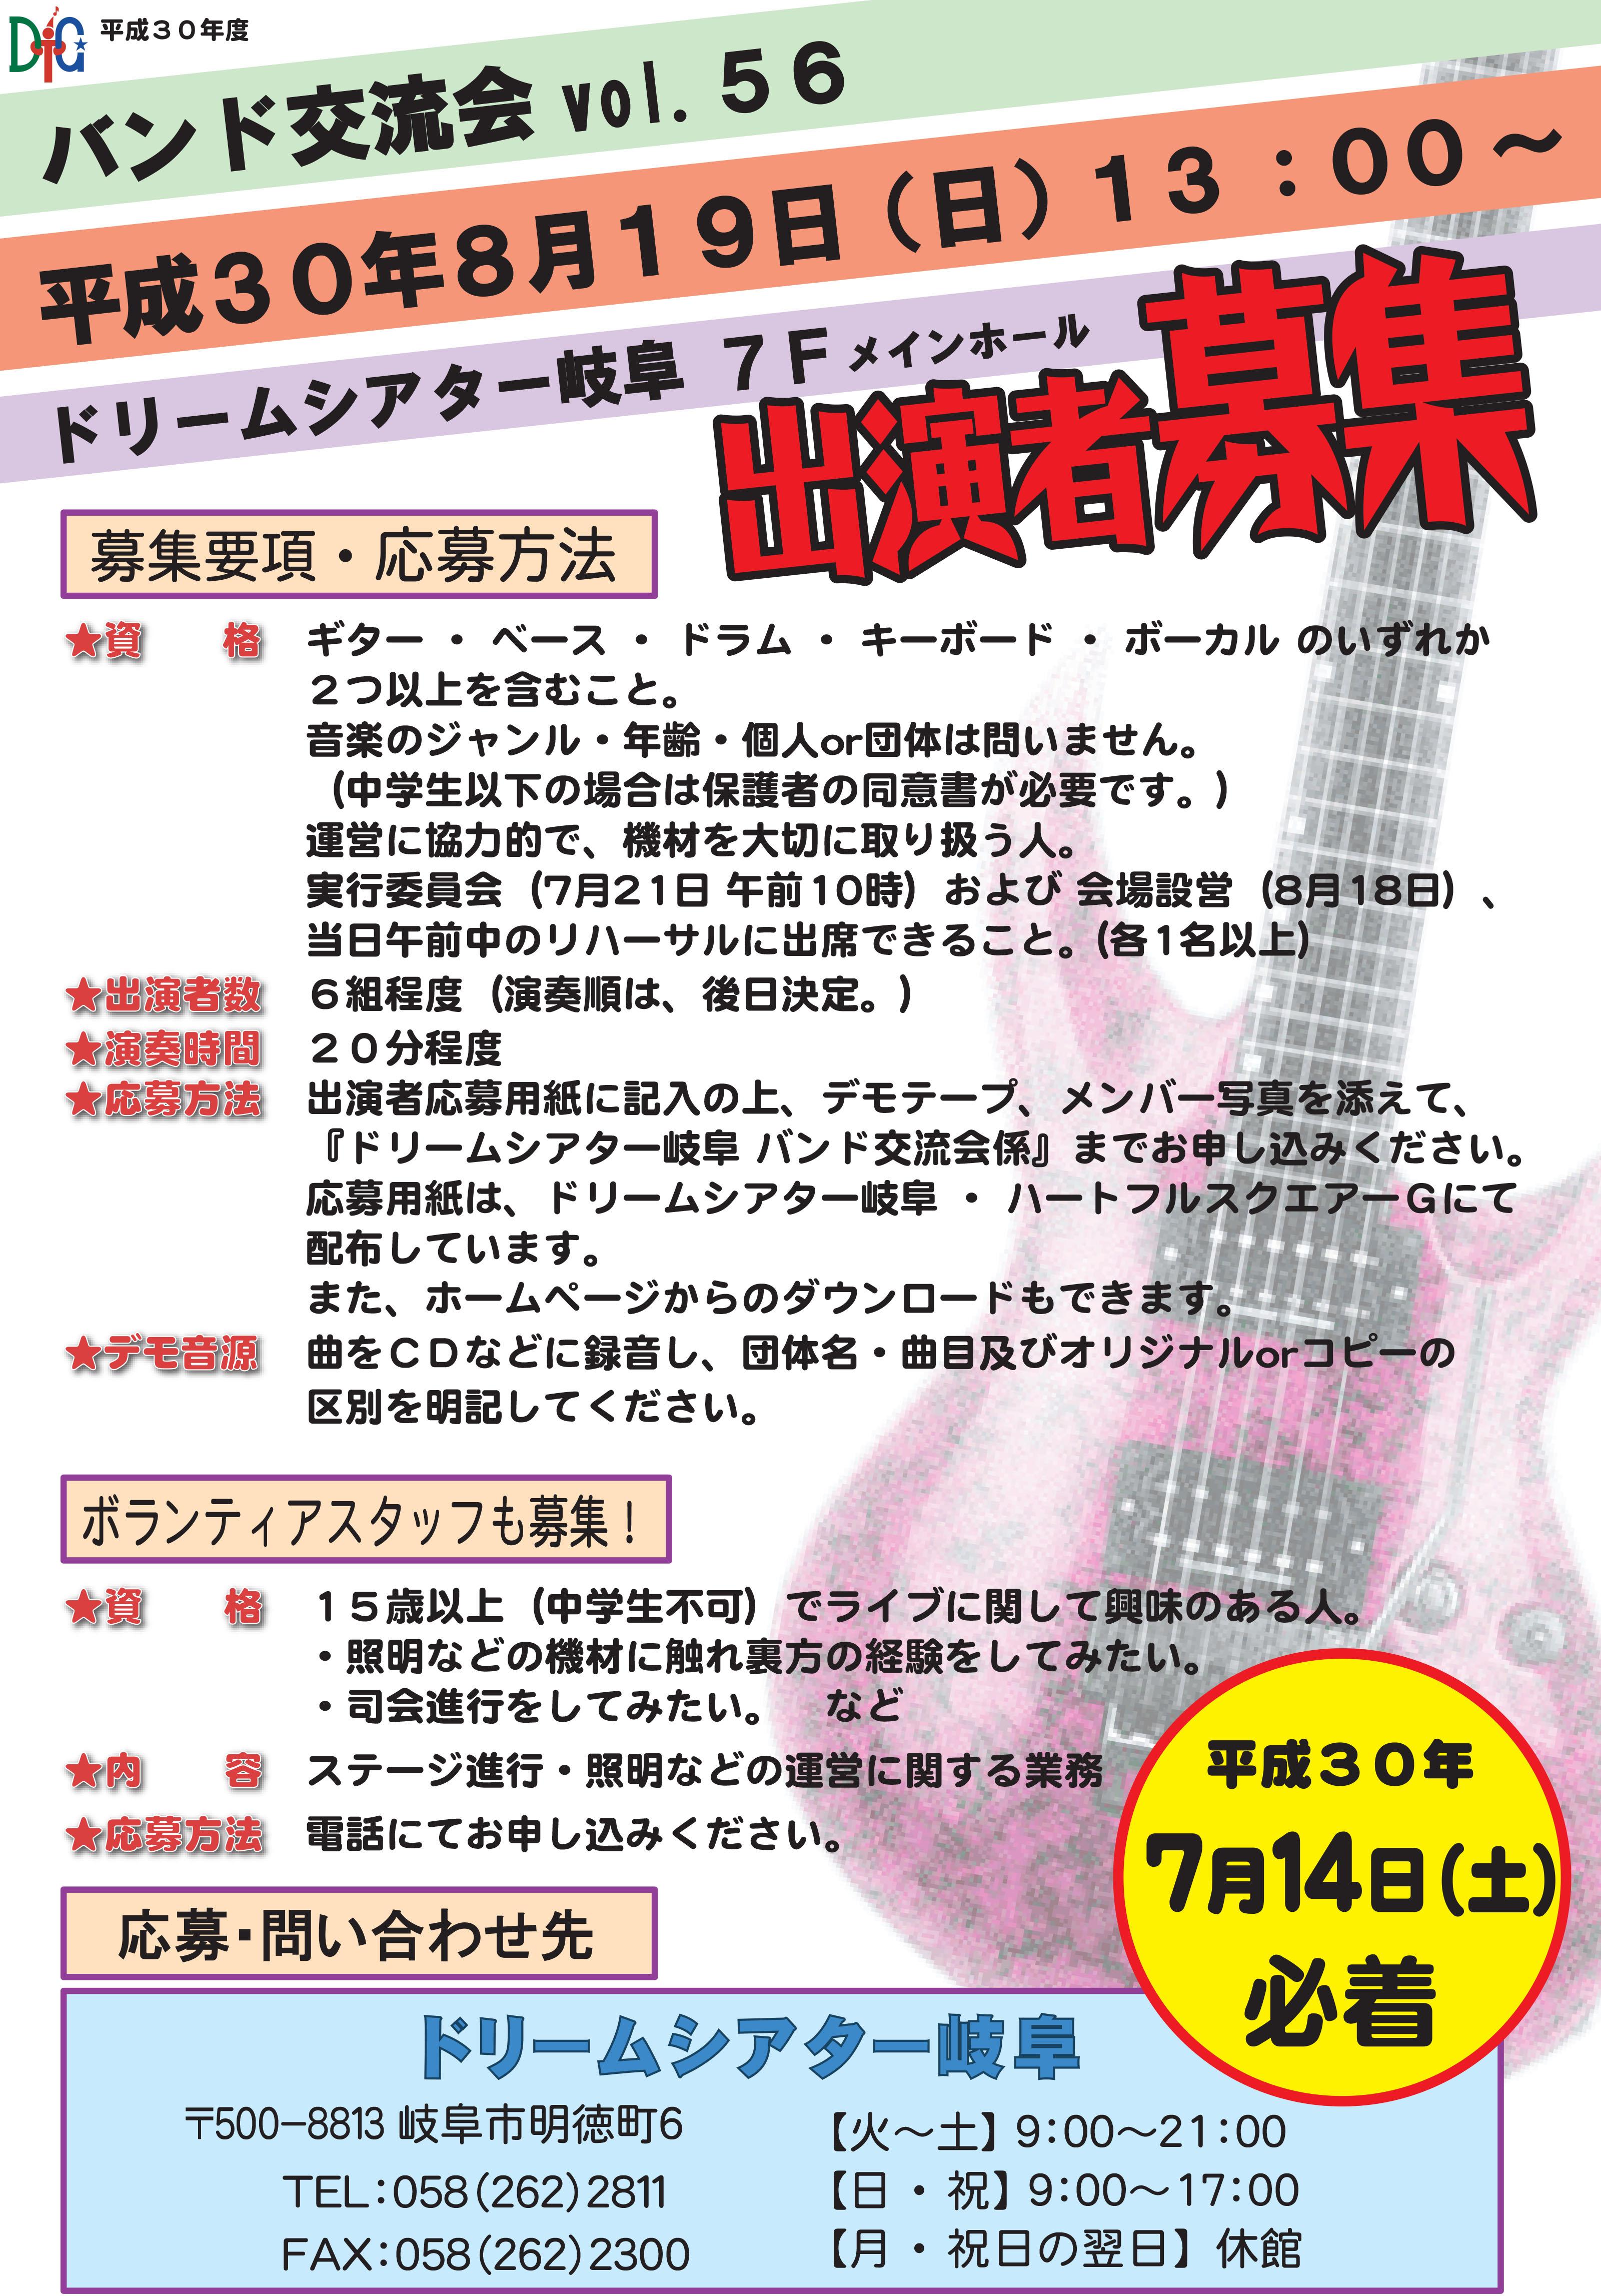 vol56_syutuenbosyu.jpg